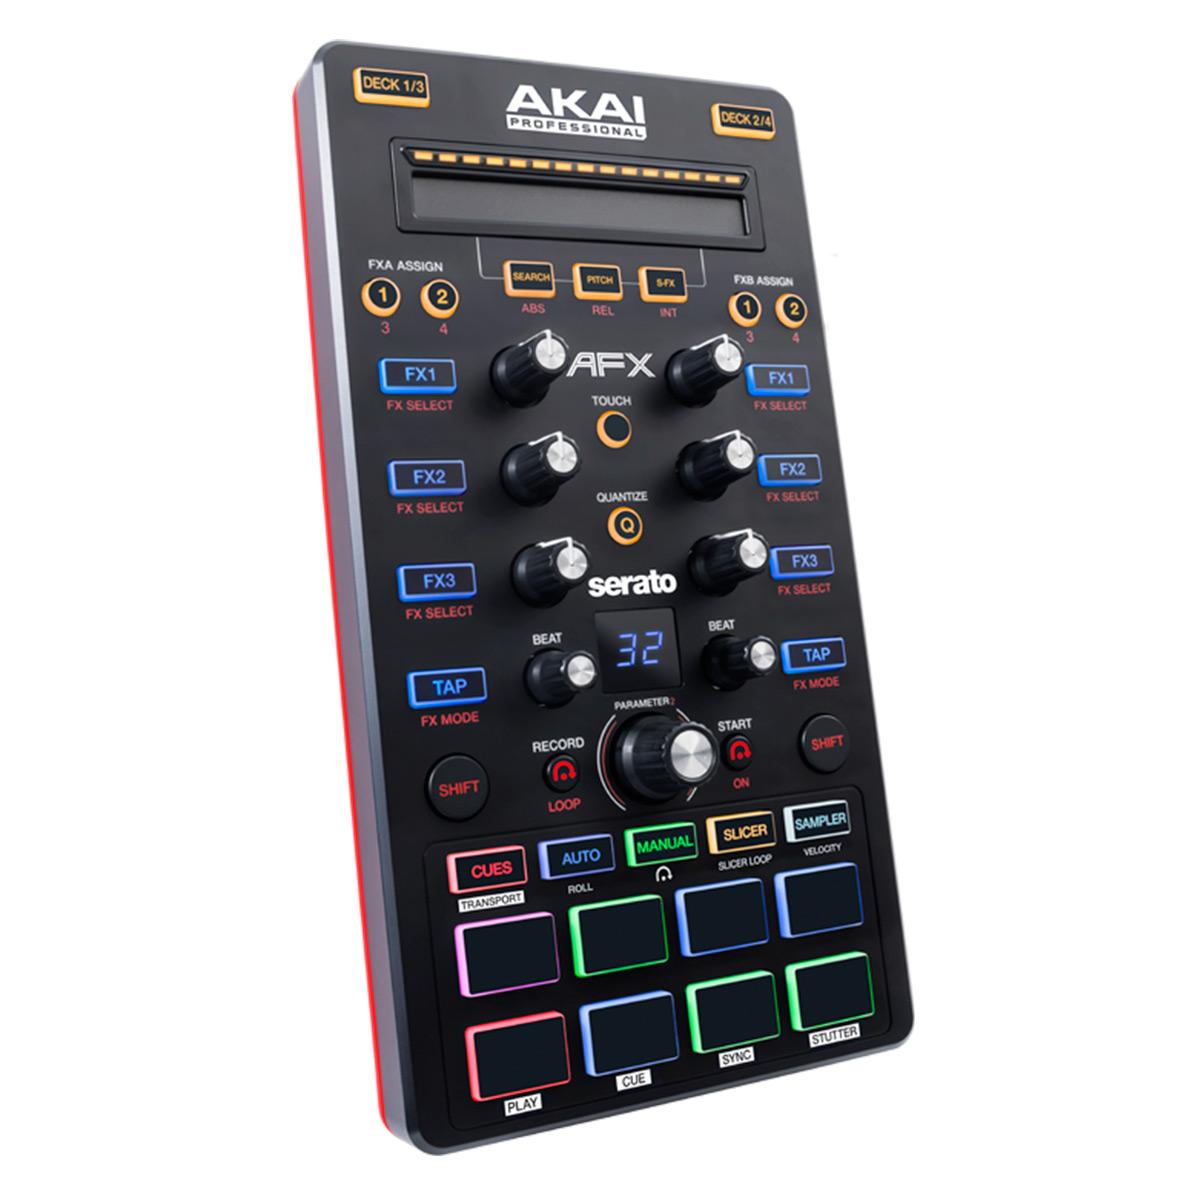 Controladora MIDI / USB p/ Serato AFX - AKAI